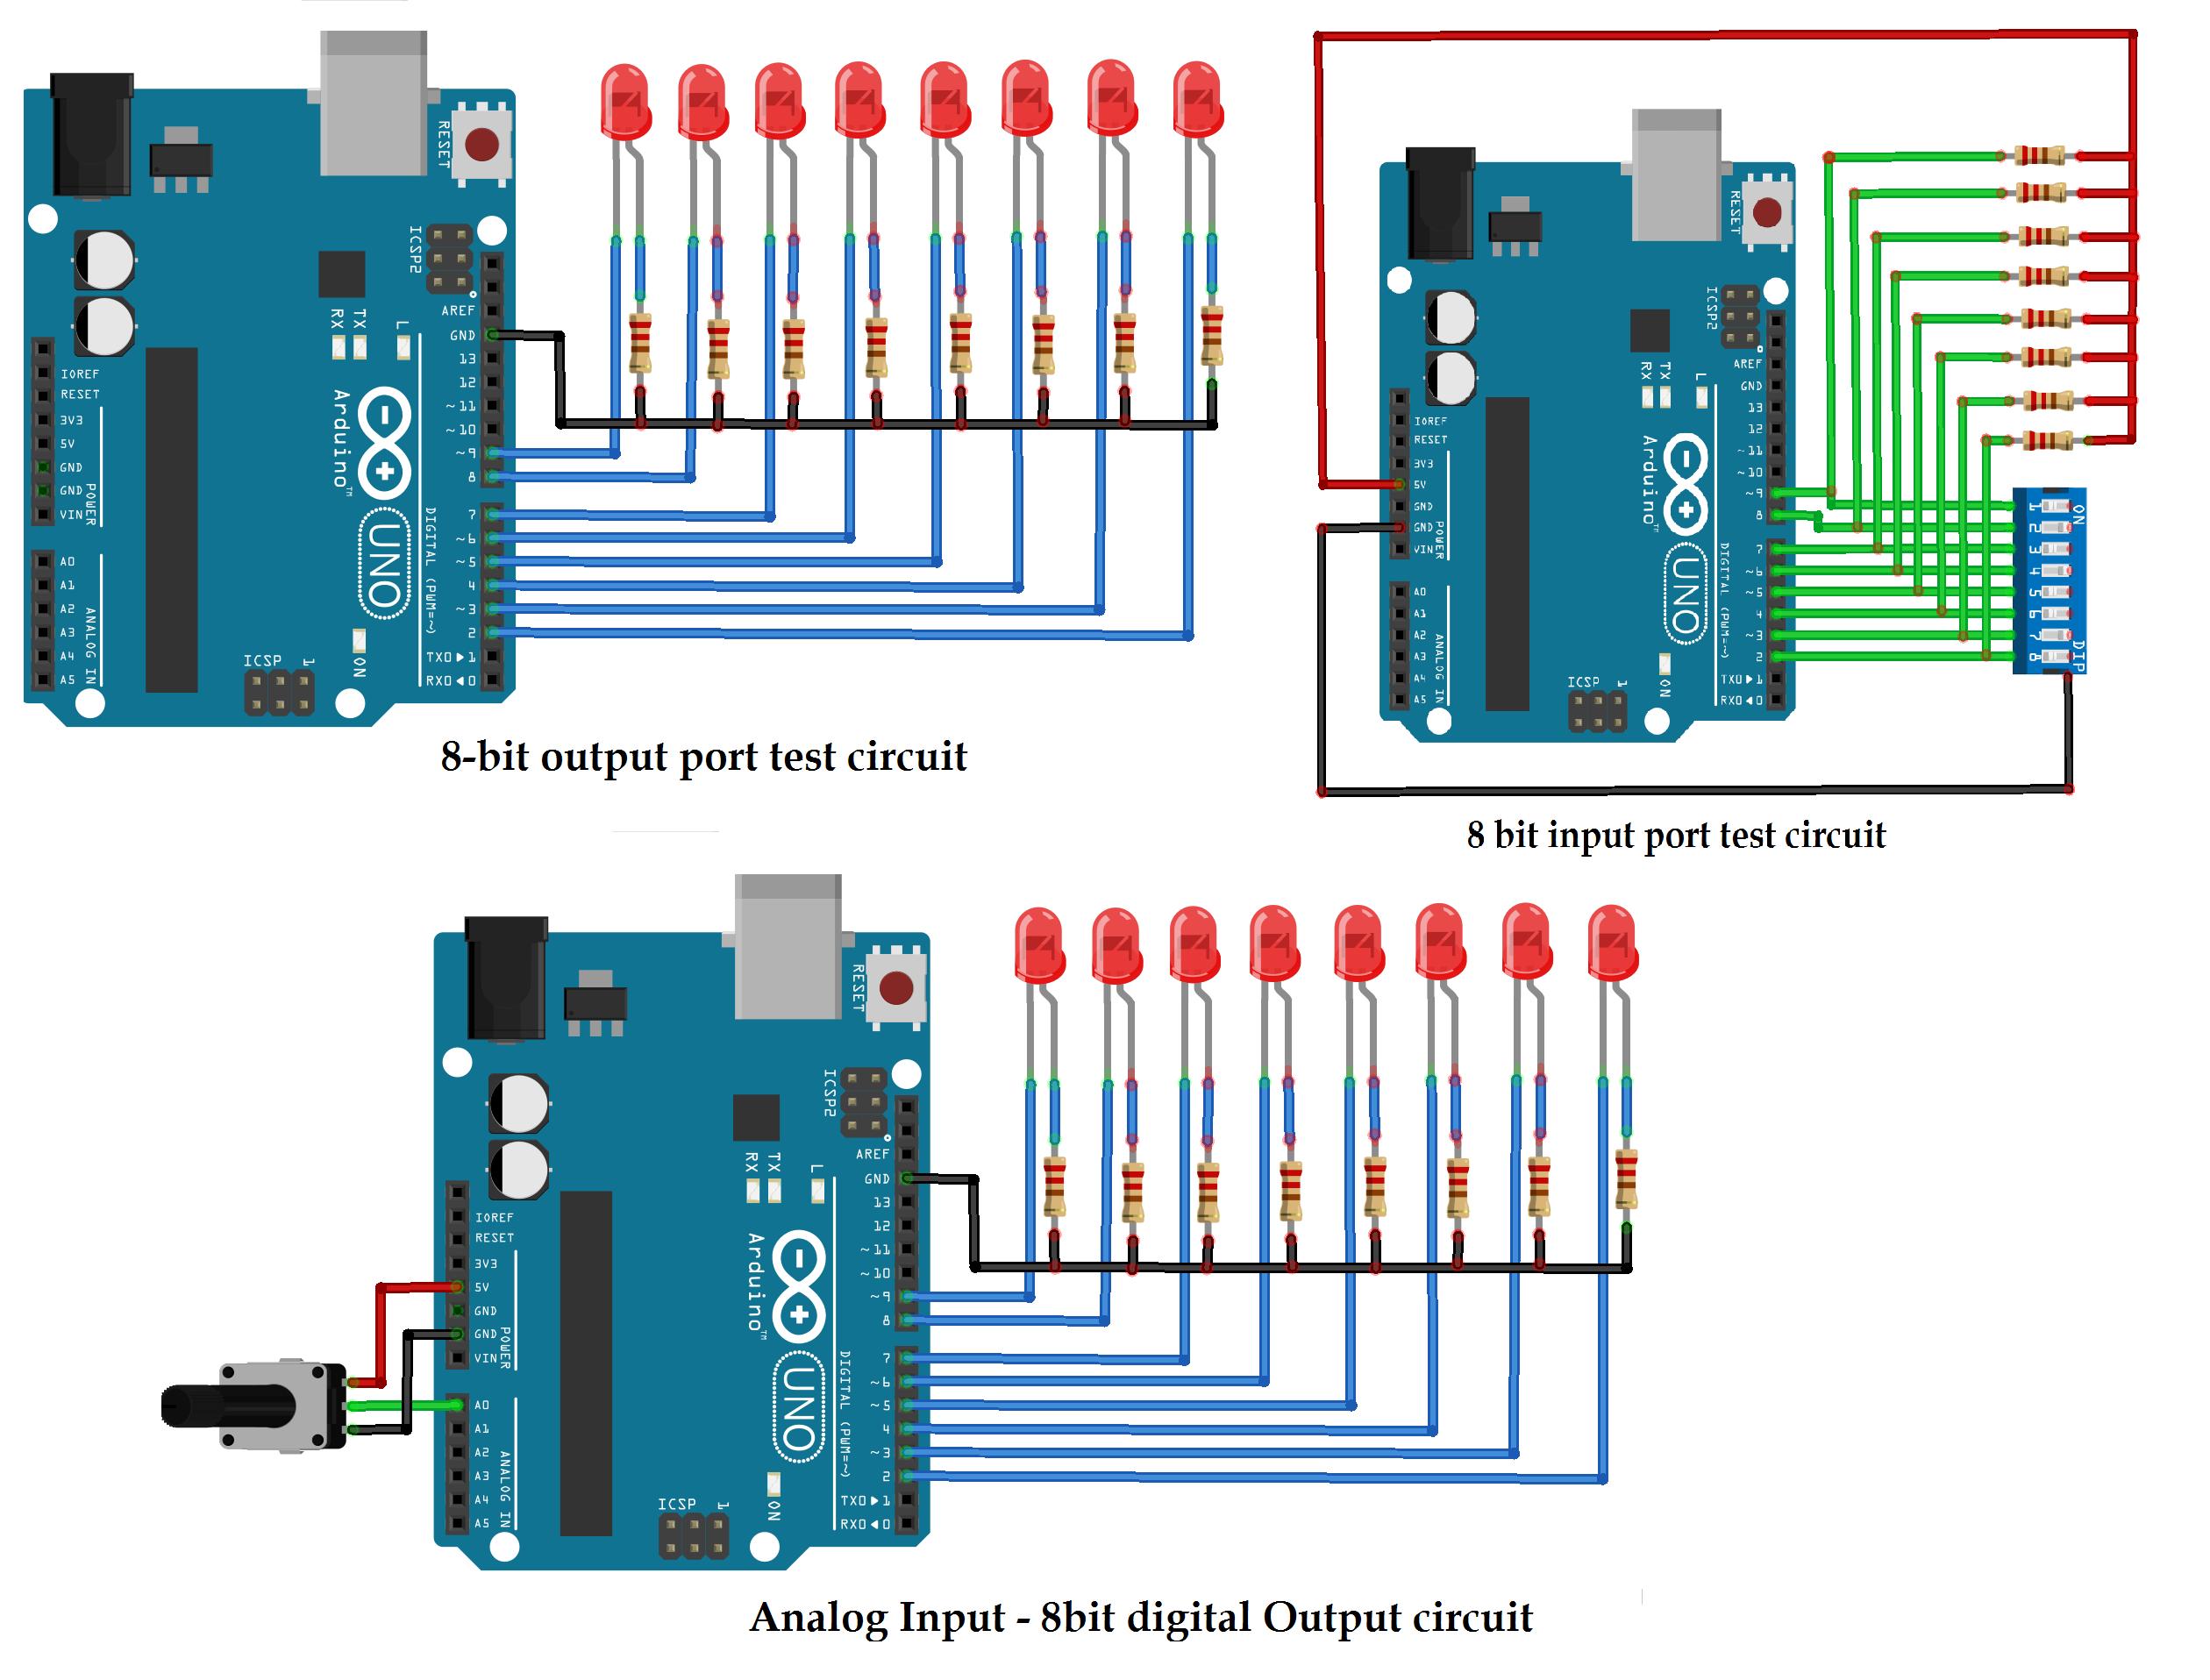 Arduino 8bit io port schematics miv8p4mnjv